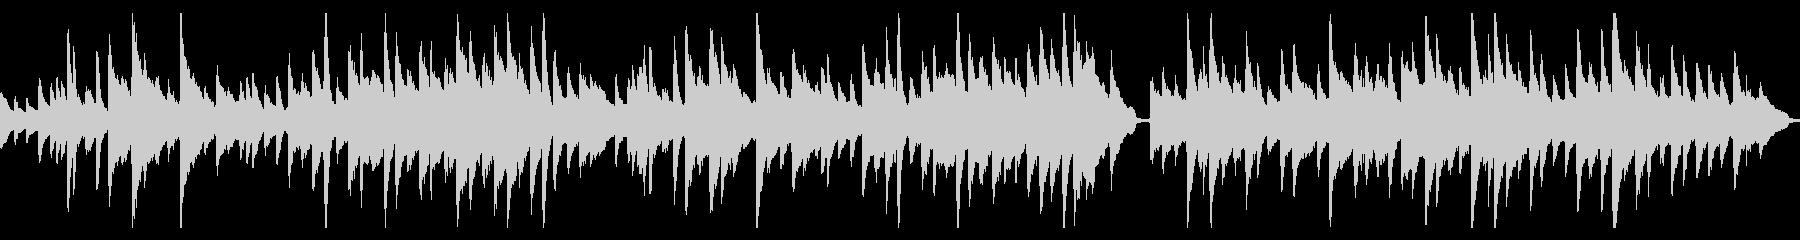 ほのぼのしたピアノのワルツ(ループ仕様)の未再生の波形